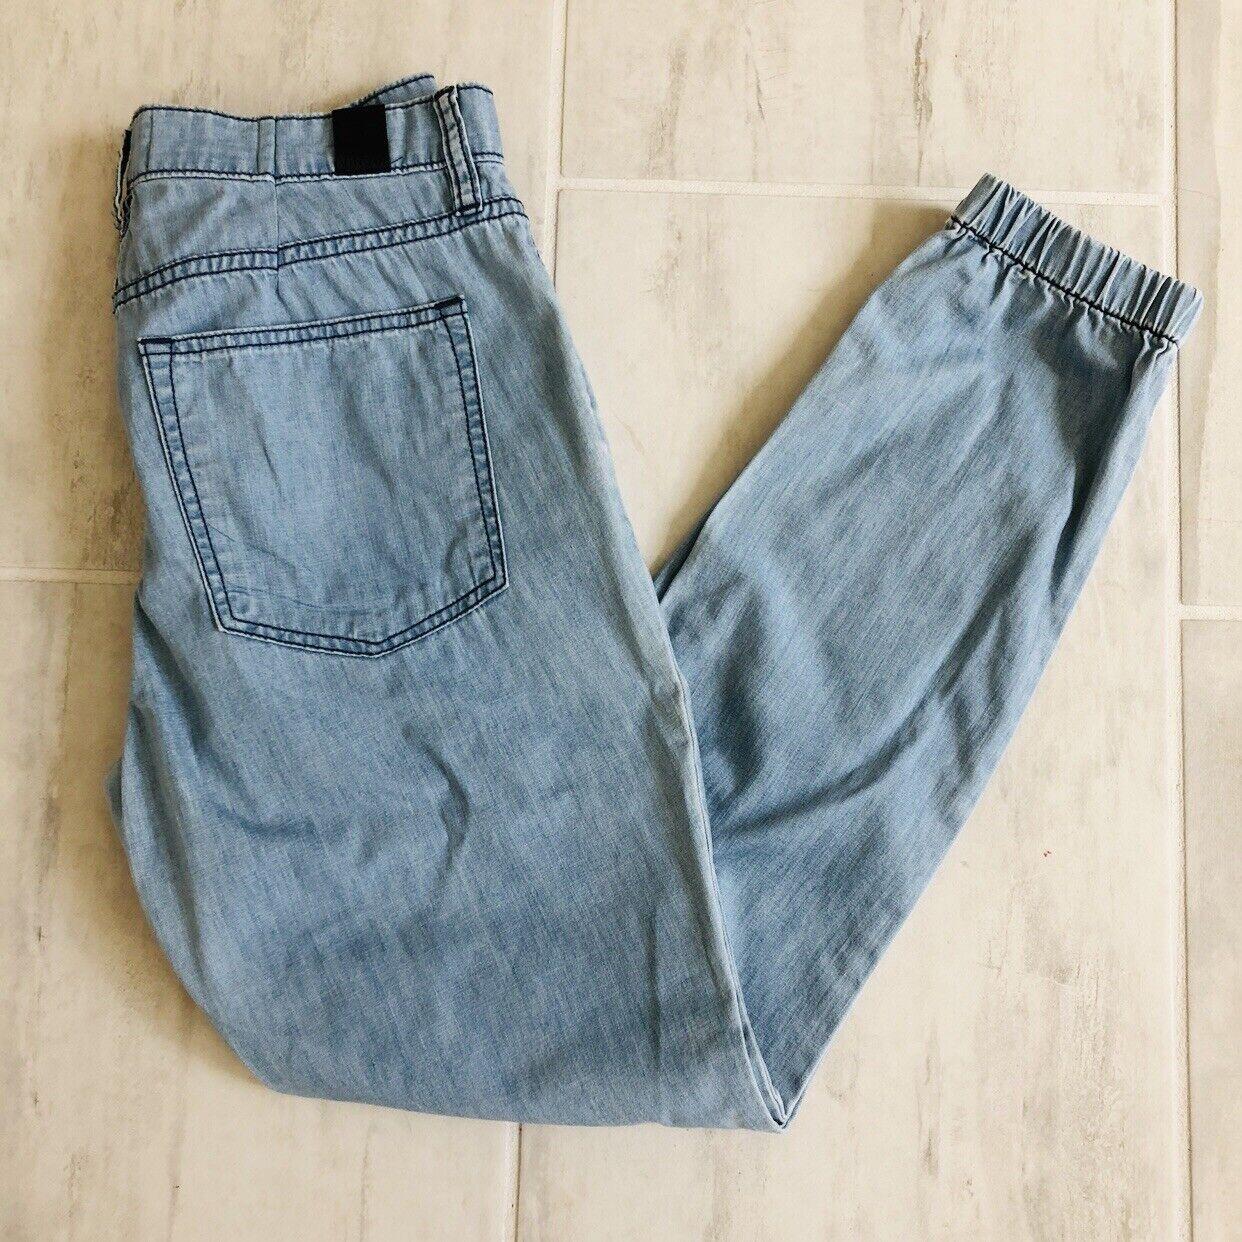 Vince Denim Jogger Jeans Pant Elasticized Cuffs Light Wash Dv193b-2857 Size 27